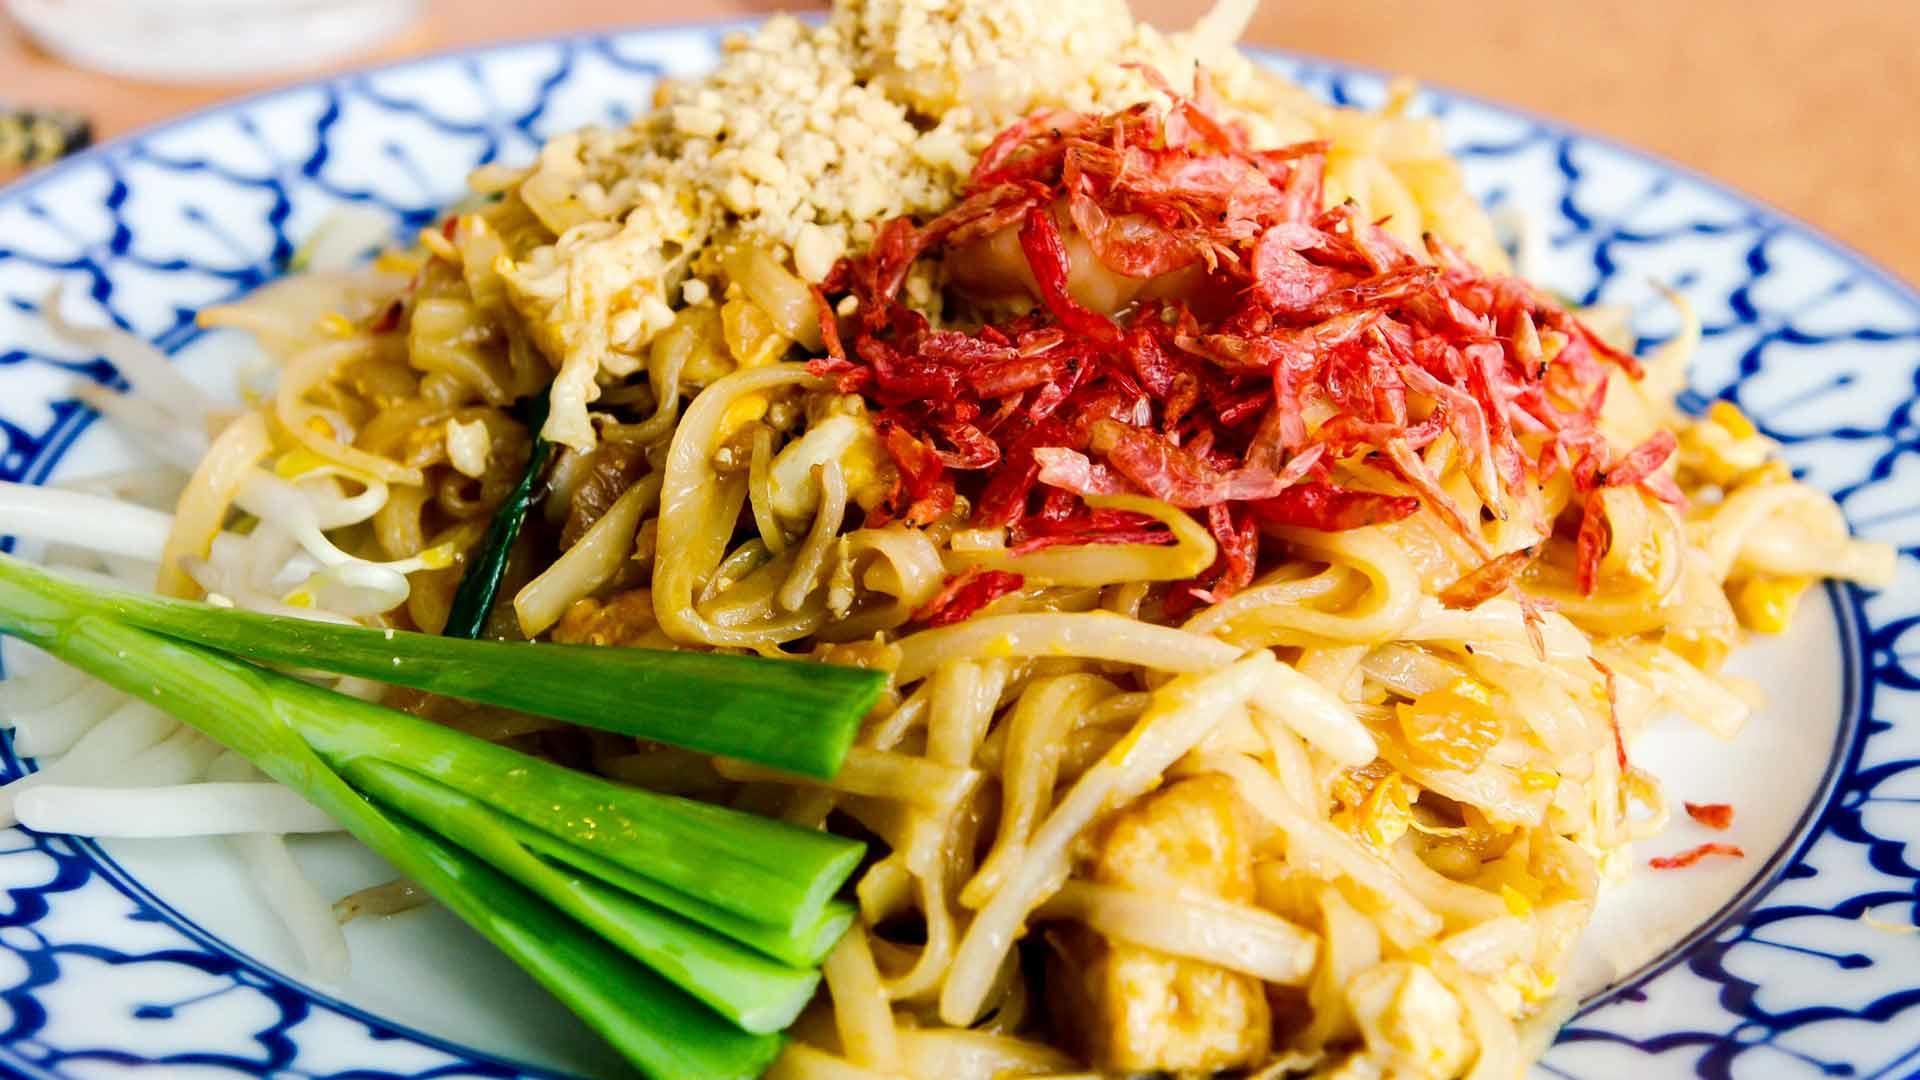 Thai Garden Restaurant image 3